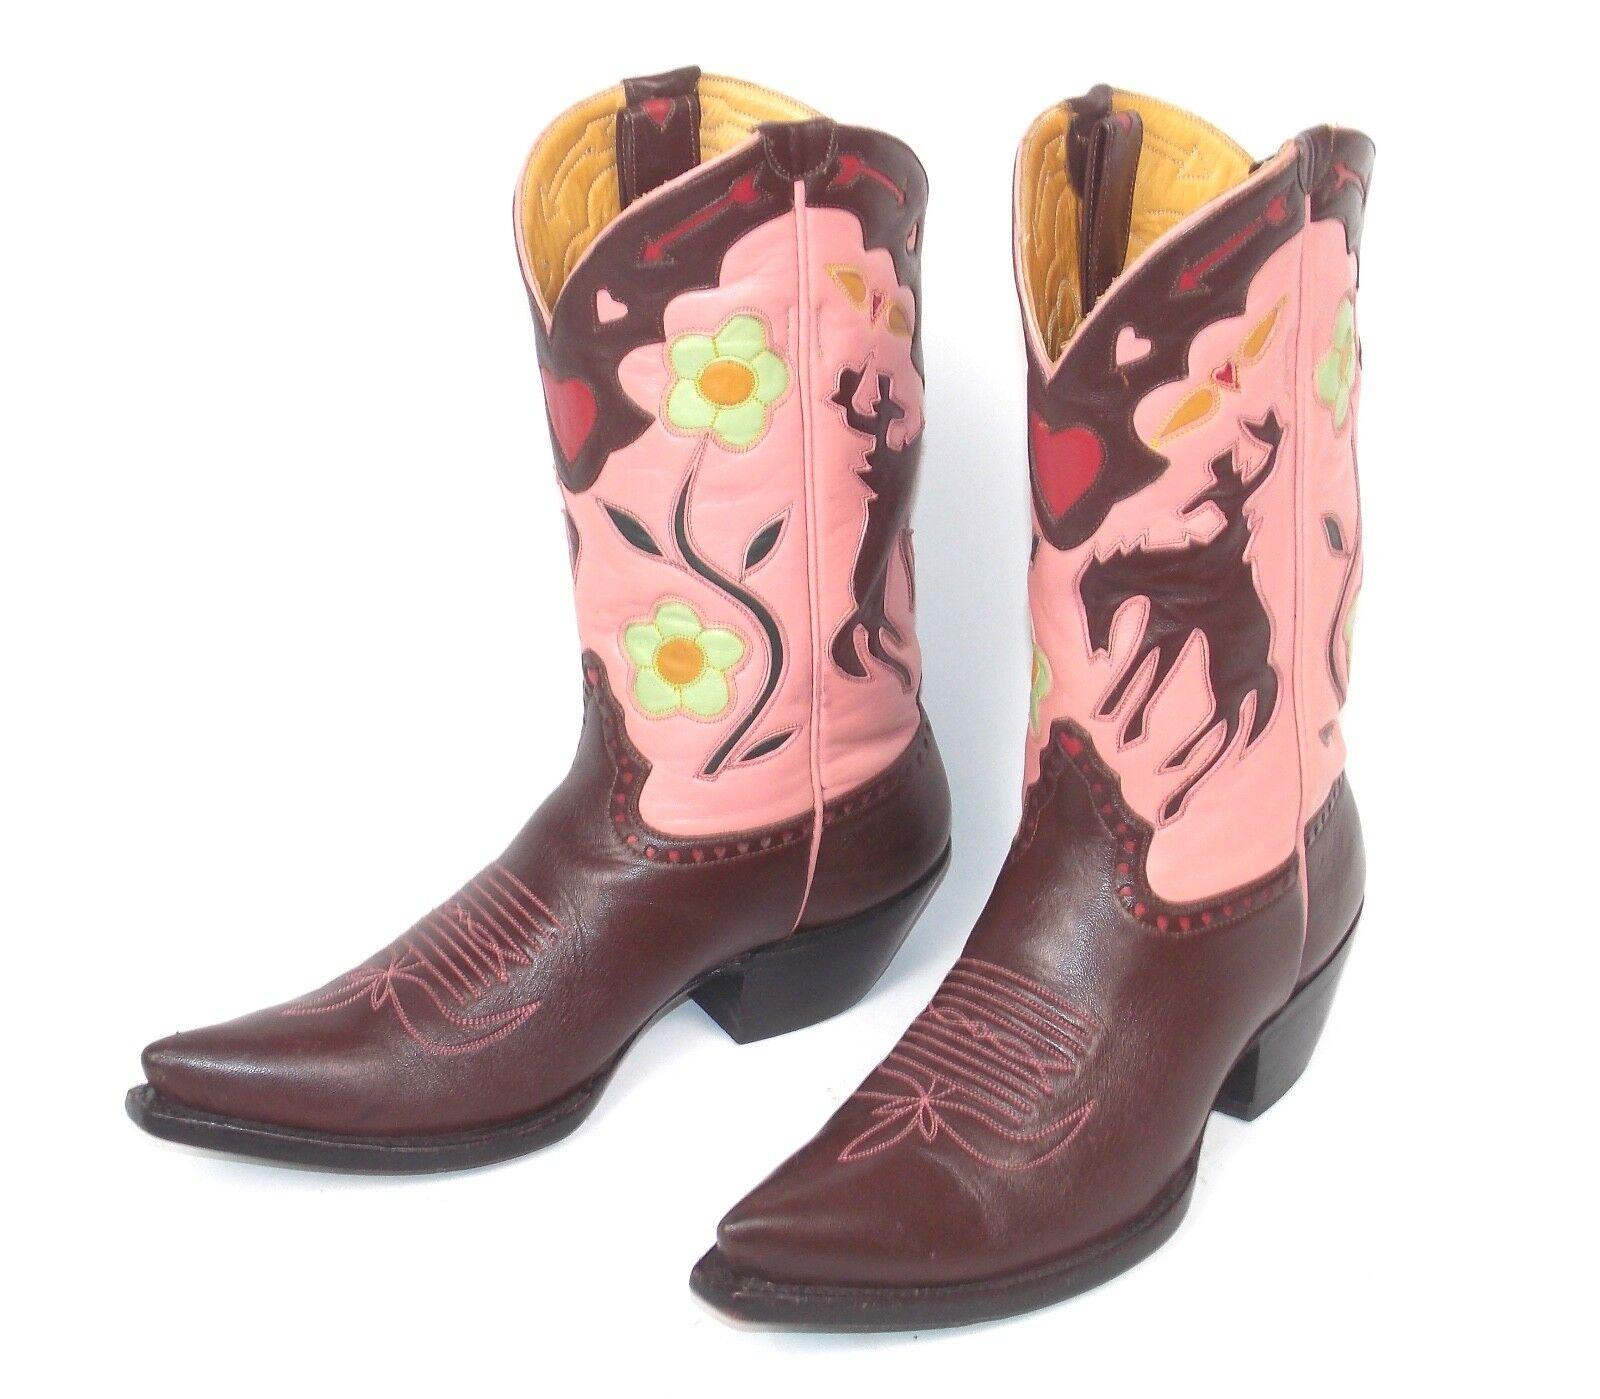 Amazing Amazing Amazing Liberty Cowboy bottes - Wm's 6.5B marron rose Inlaid Bronc Rider Pee Wee 530889